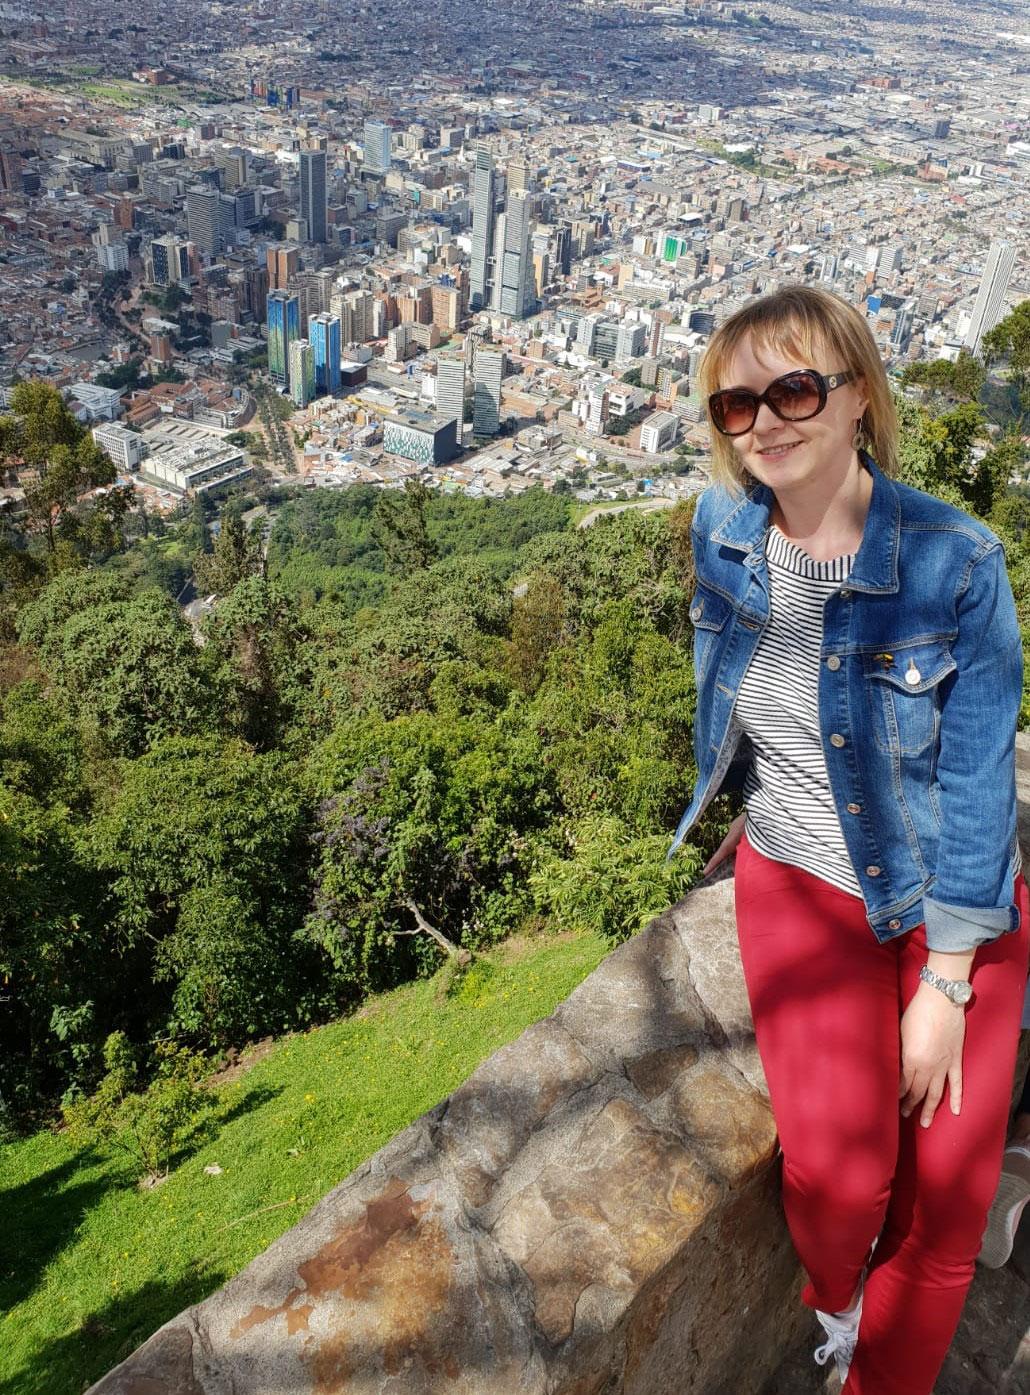 Uśmiechnięta kobieta z panoramą miasta za nią